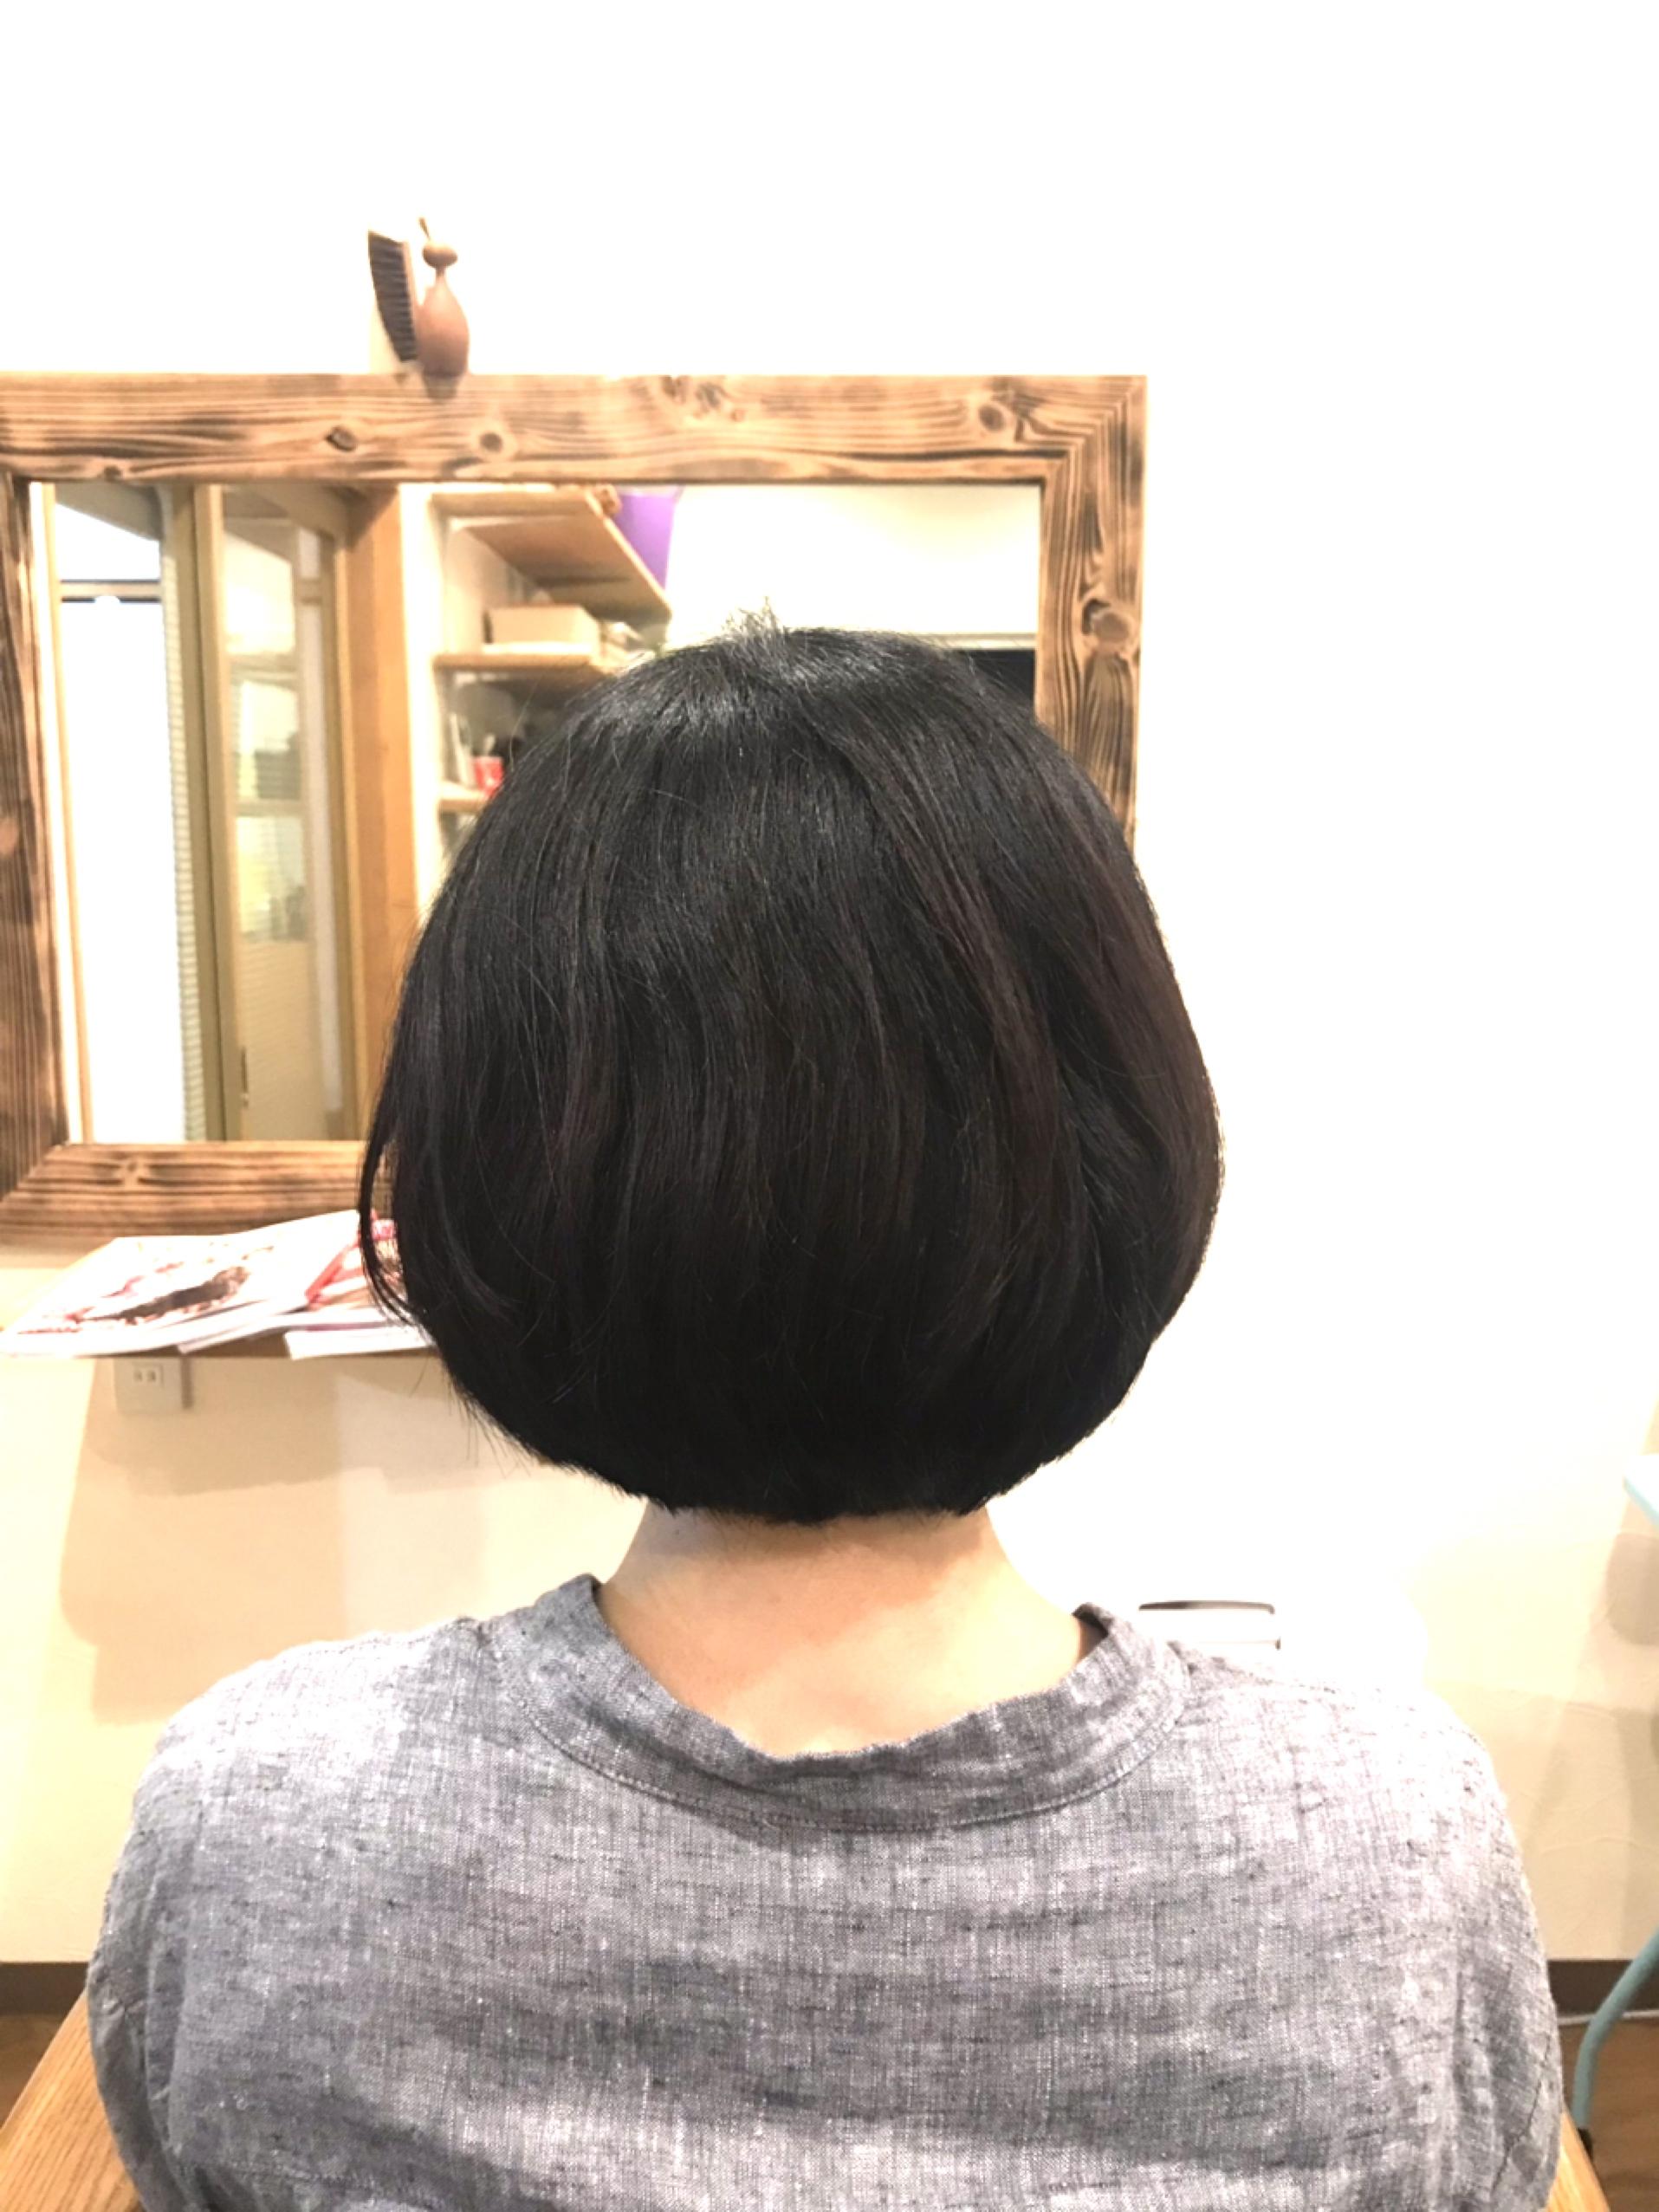 自分の髪がまとまるとは思わなかった